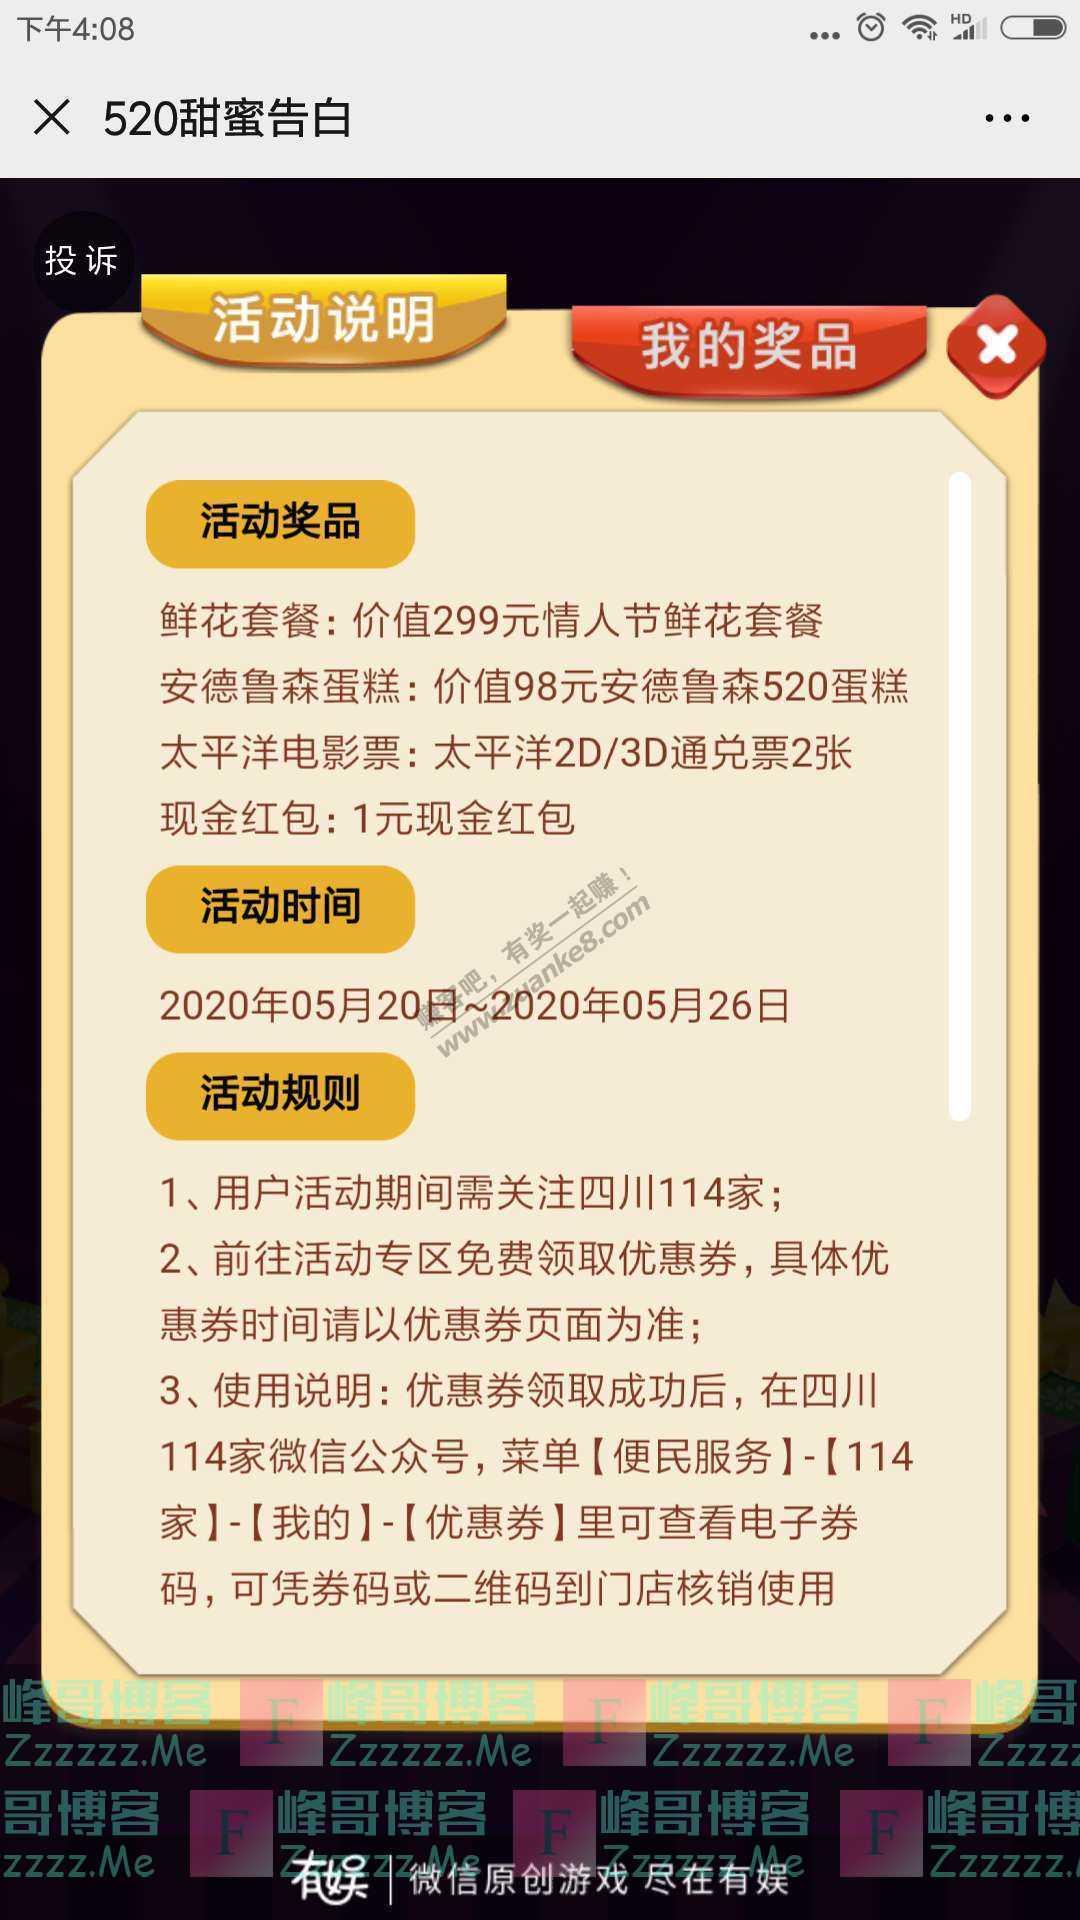 四川114家送520个红包(截止5月26日)